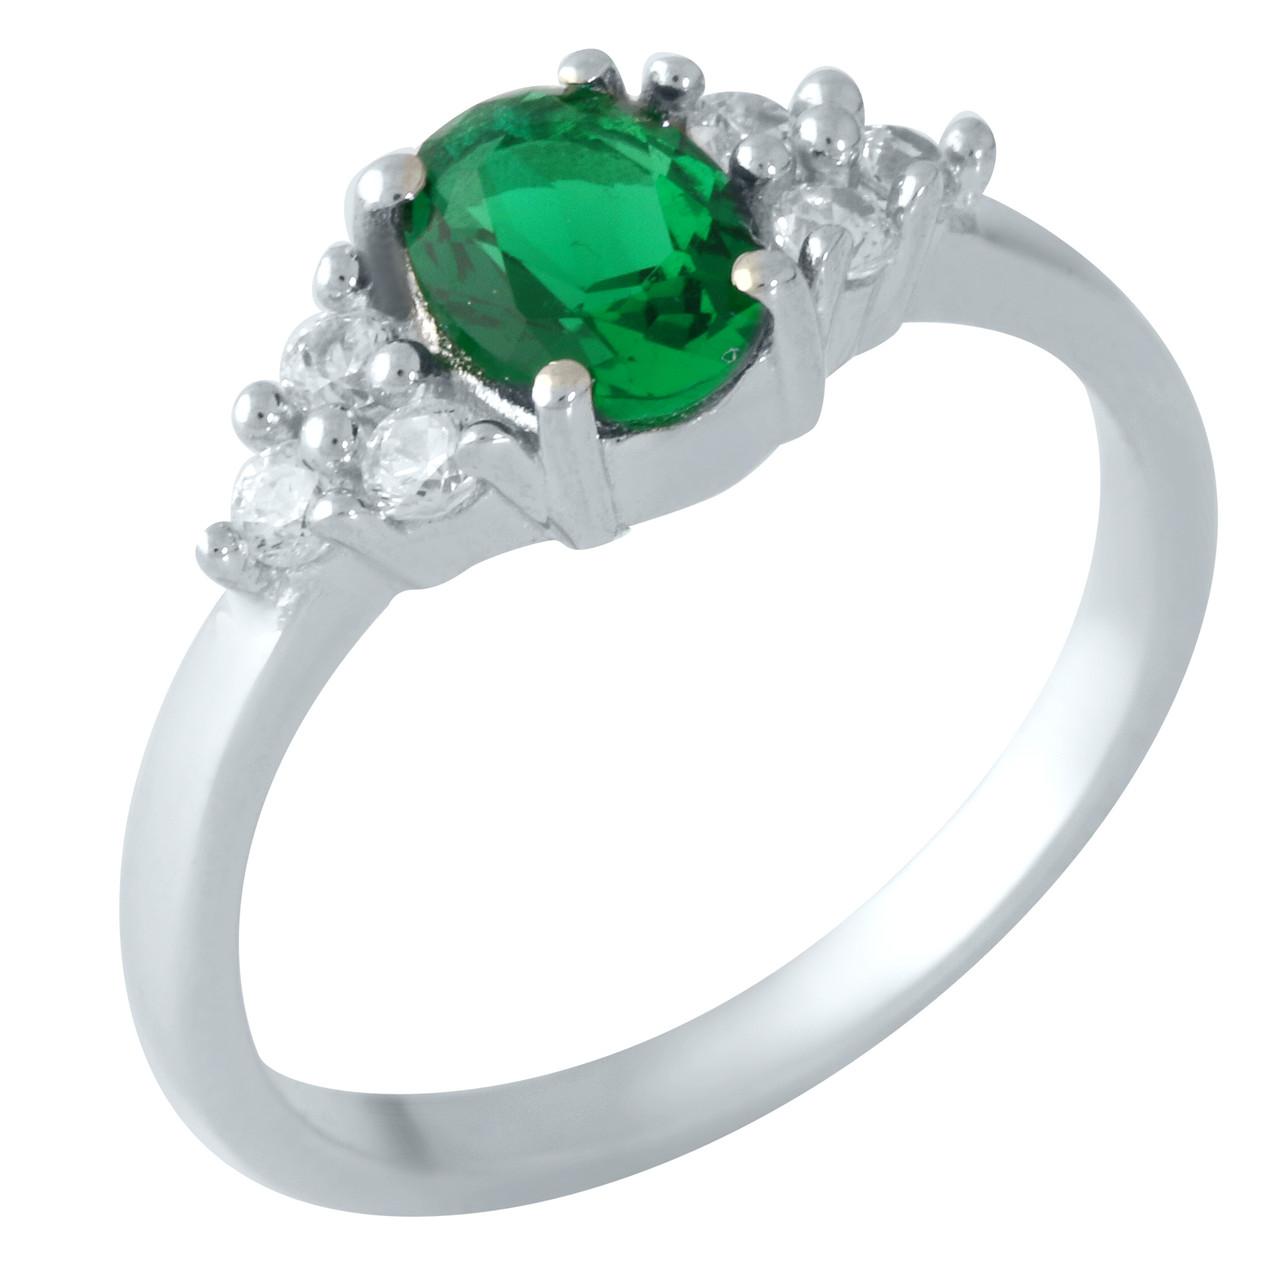 Серебряное кольцо DreamJewelry с изумрудом nano 0.995ct (1957554) 17.5 размер